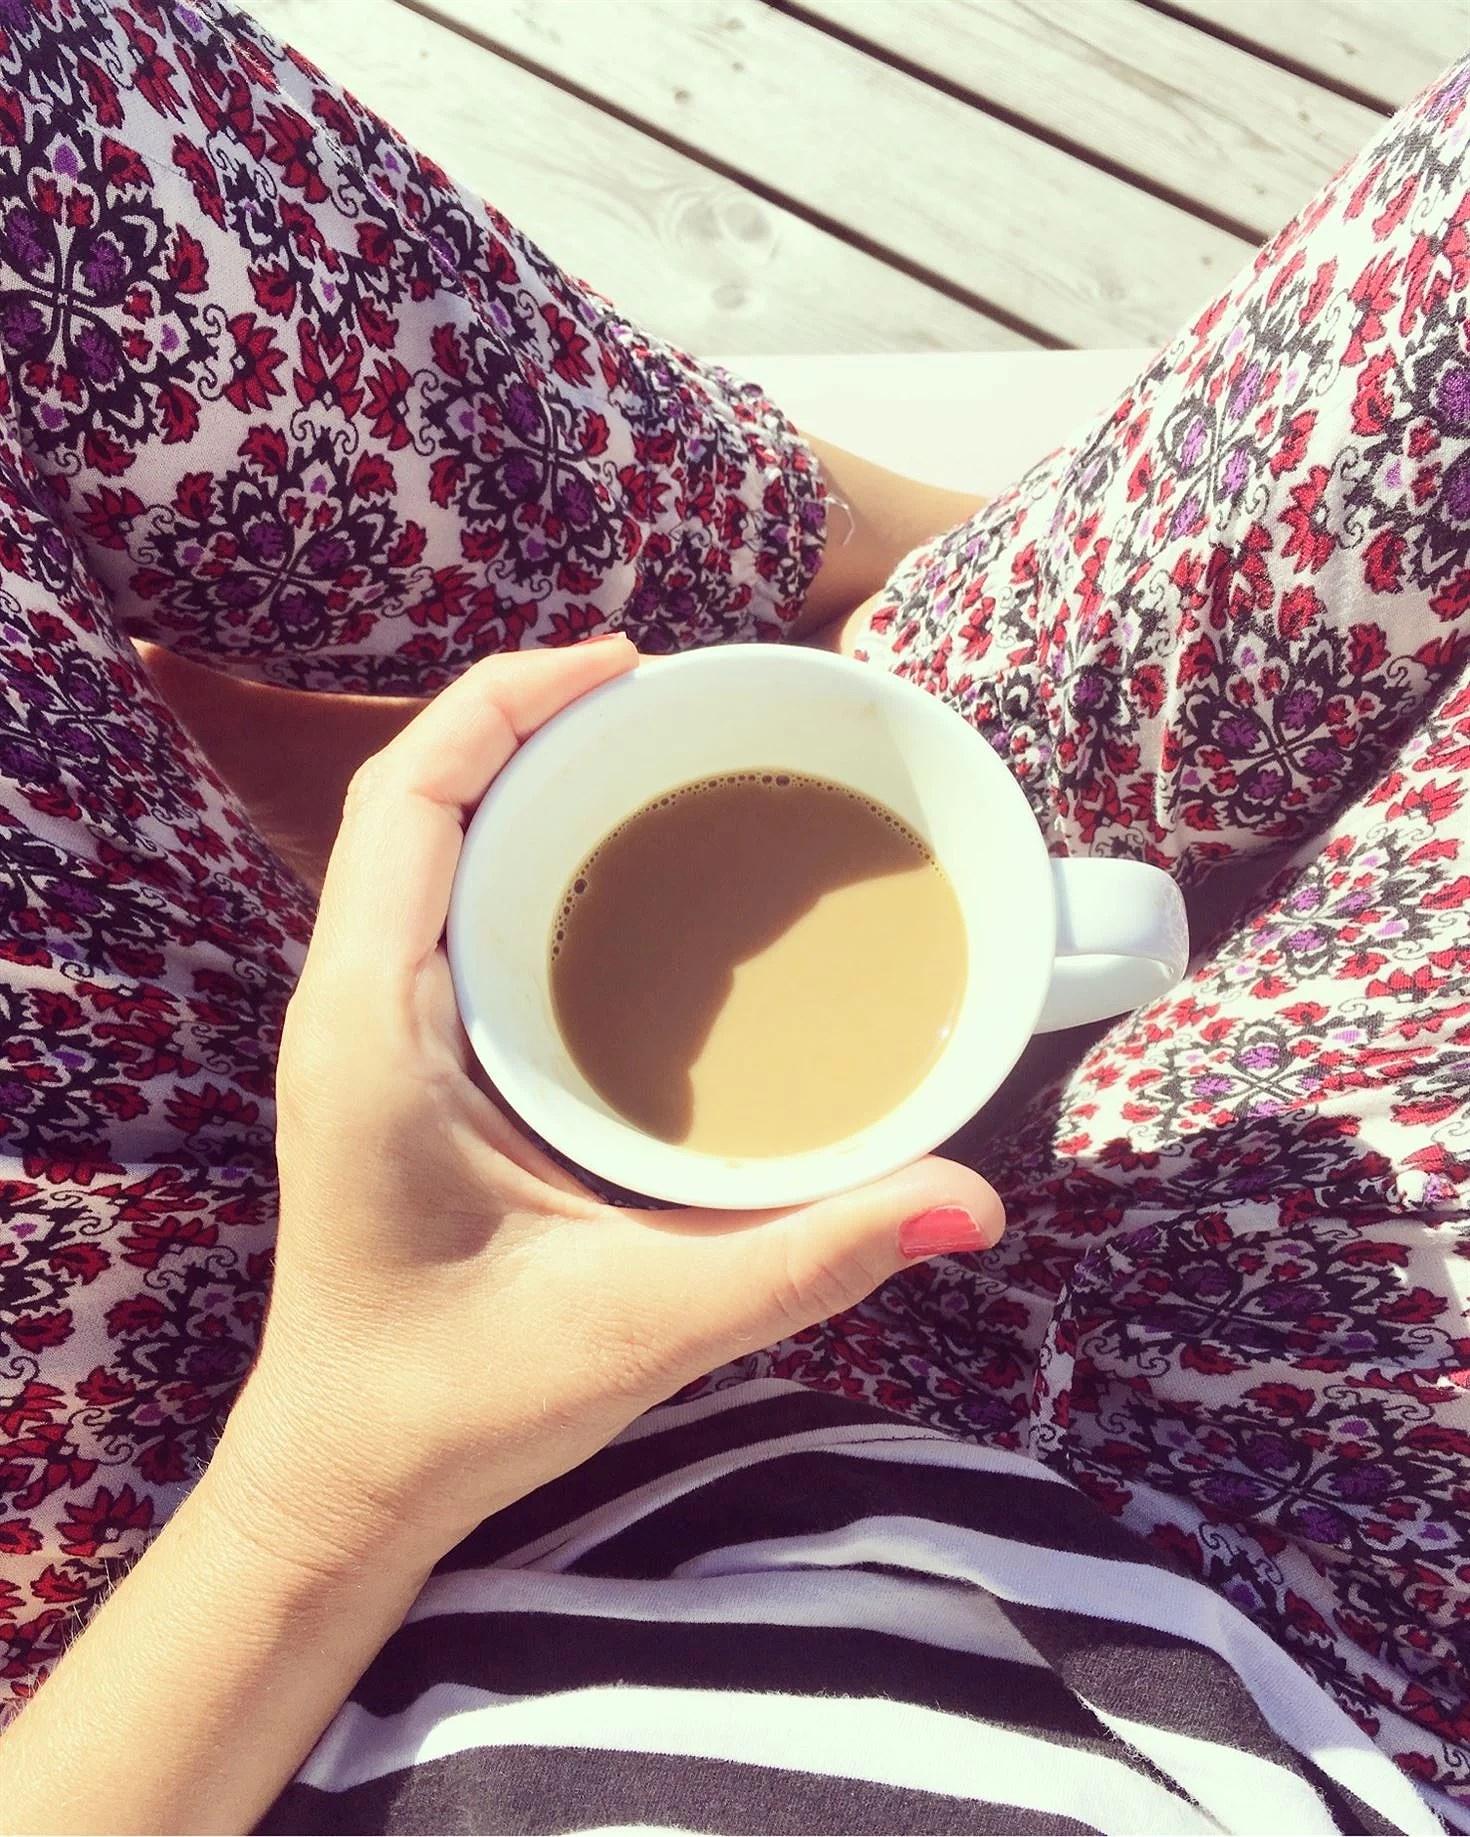 Börjar dagen med kaffe i solstol☕️☀️